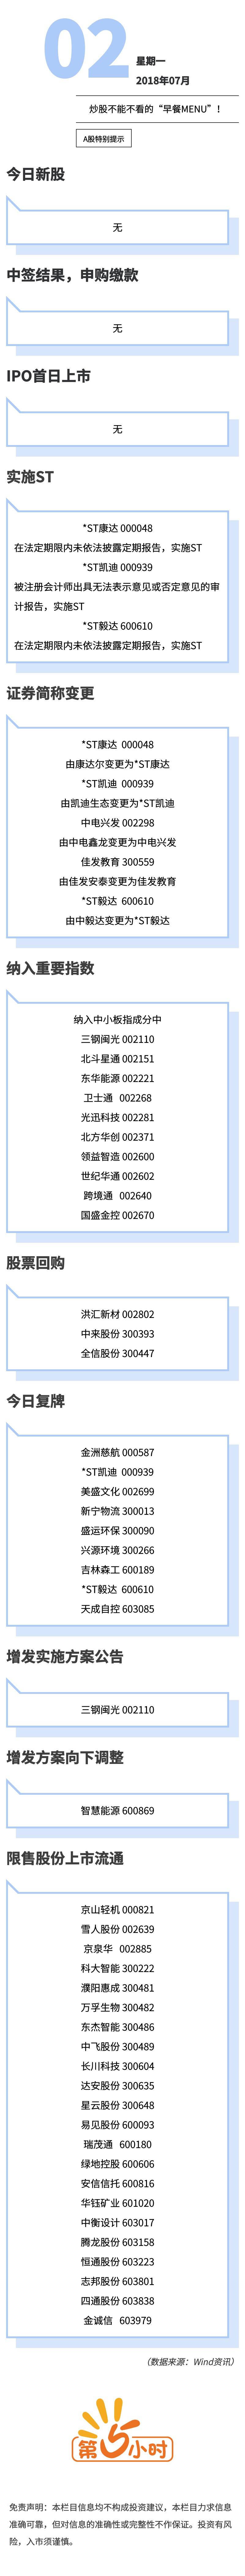 A股特别提示(2018-07-02).jpg